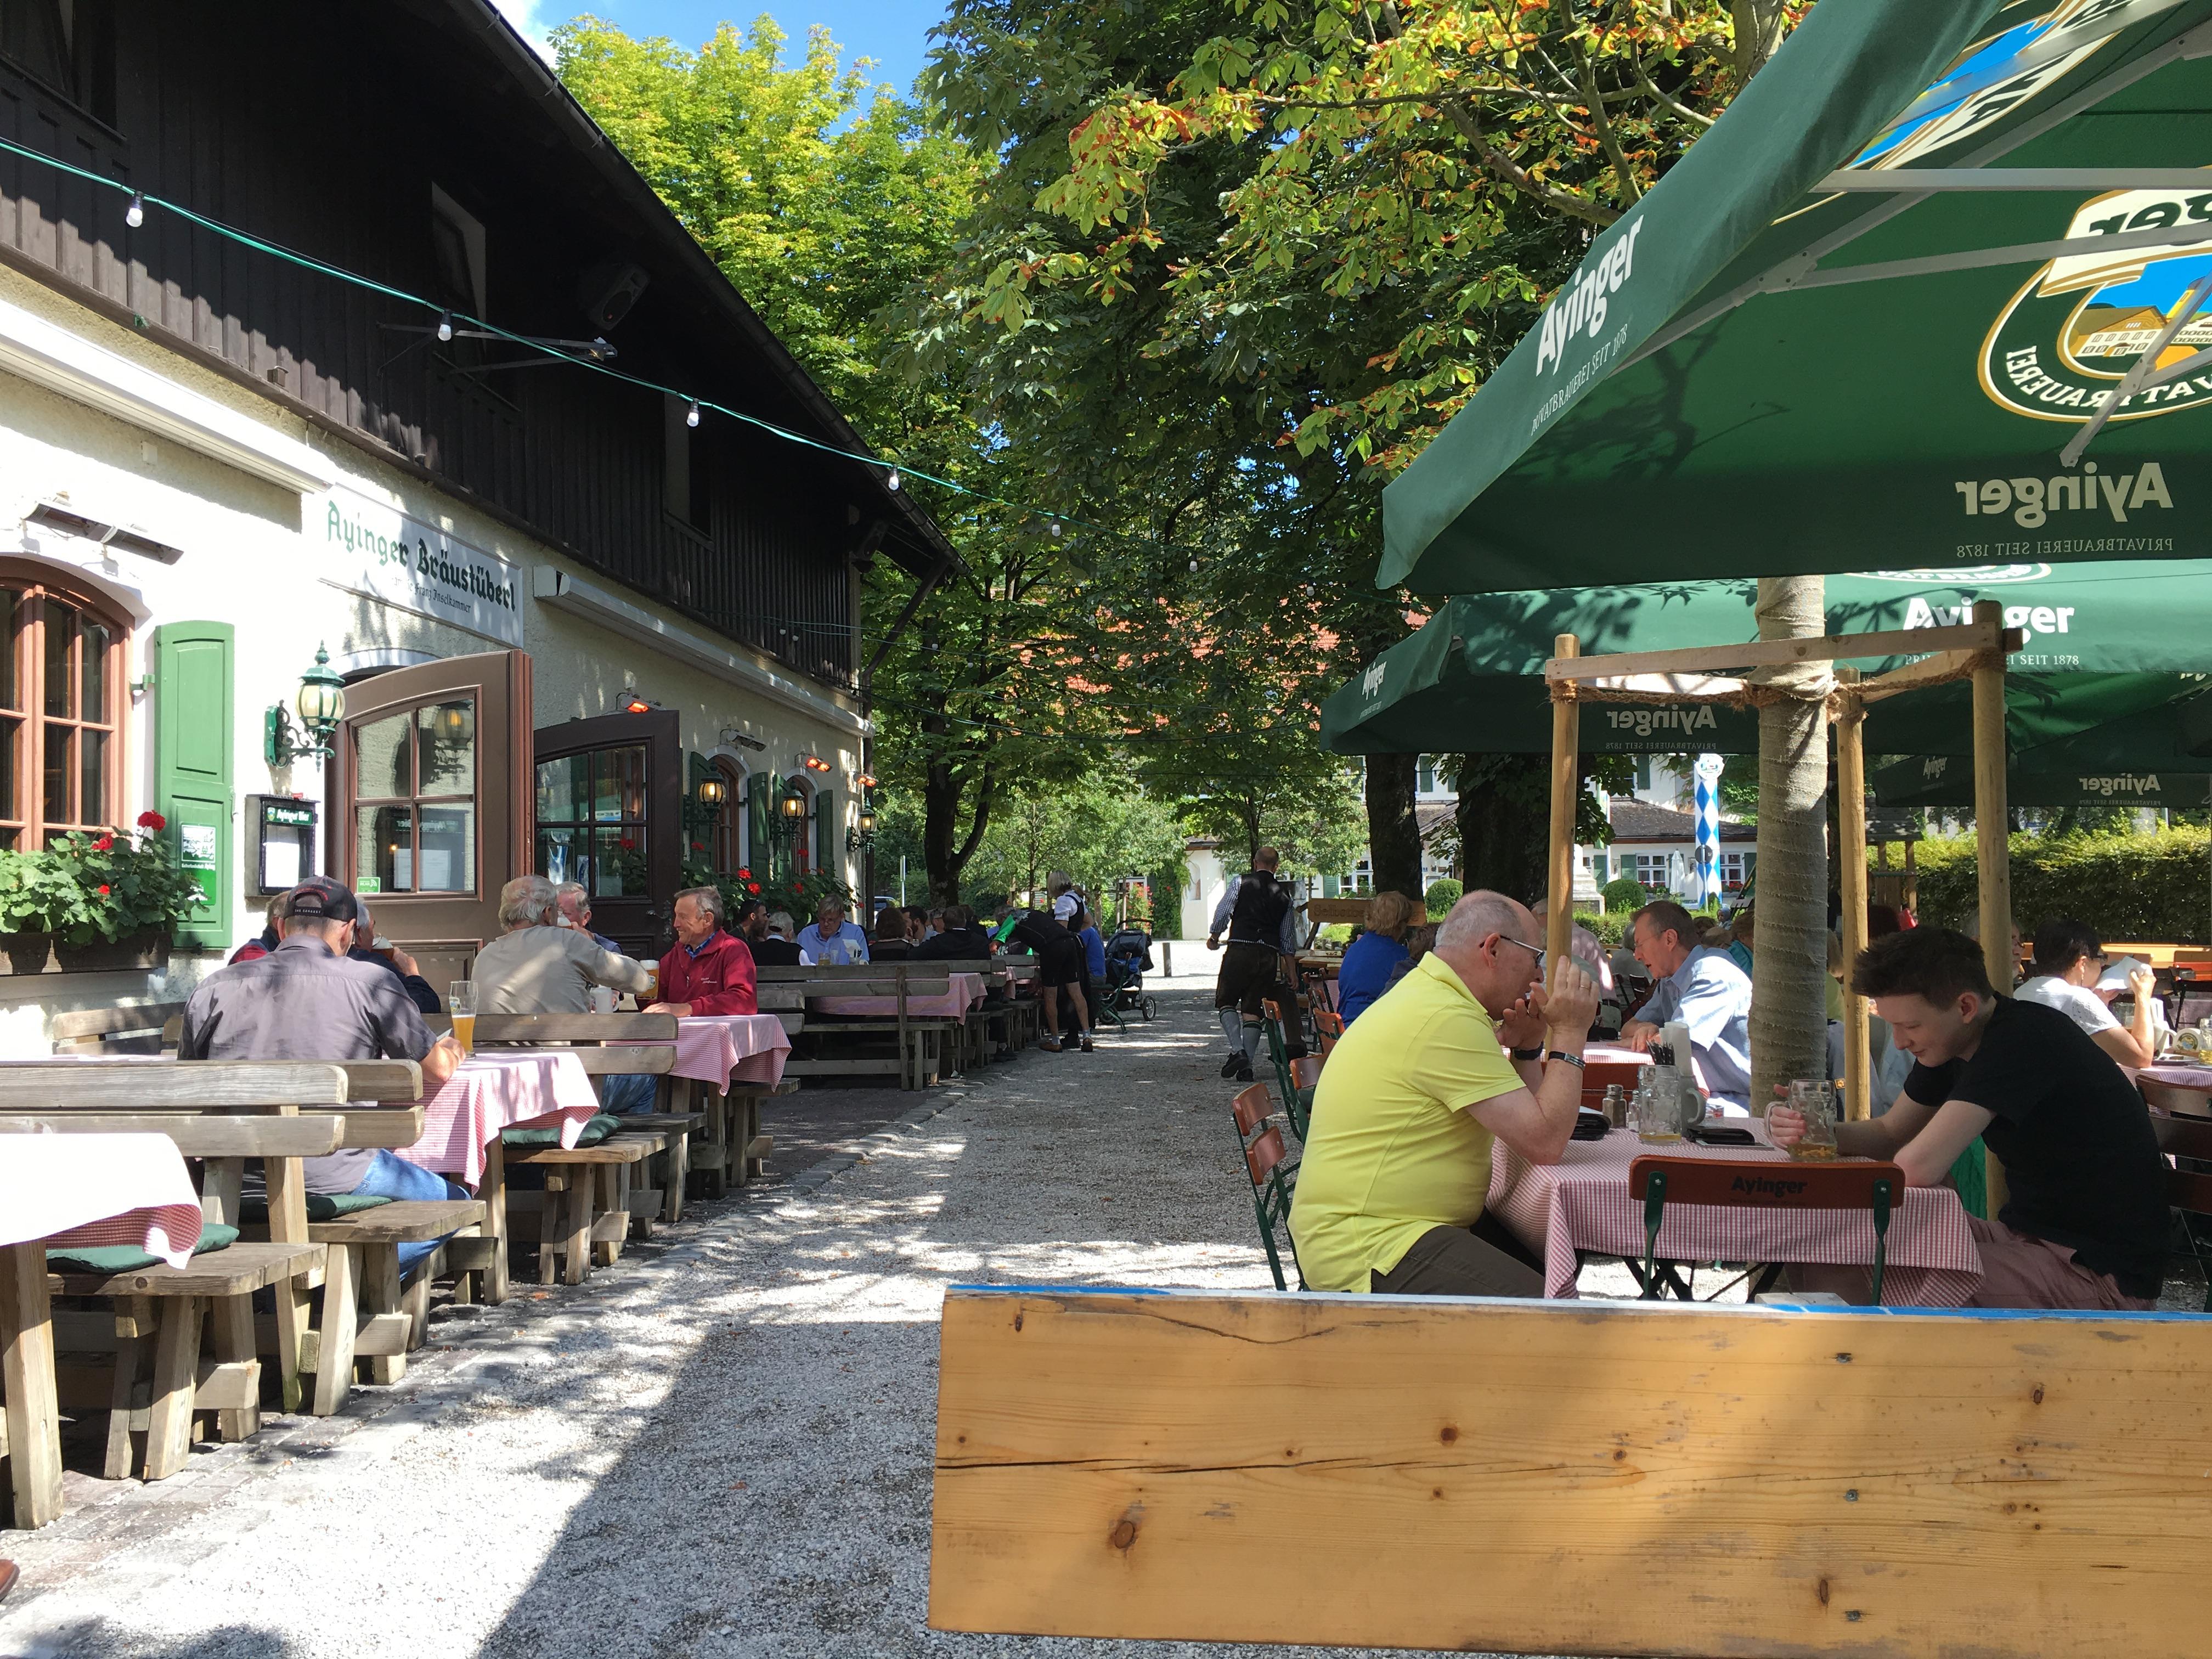 The beer garden at Ayinger Braustuberl.